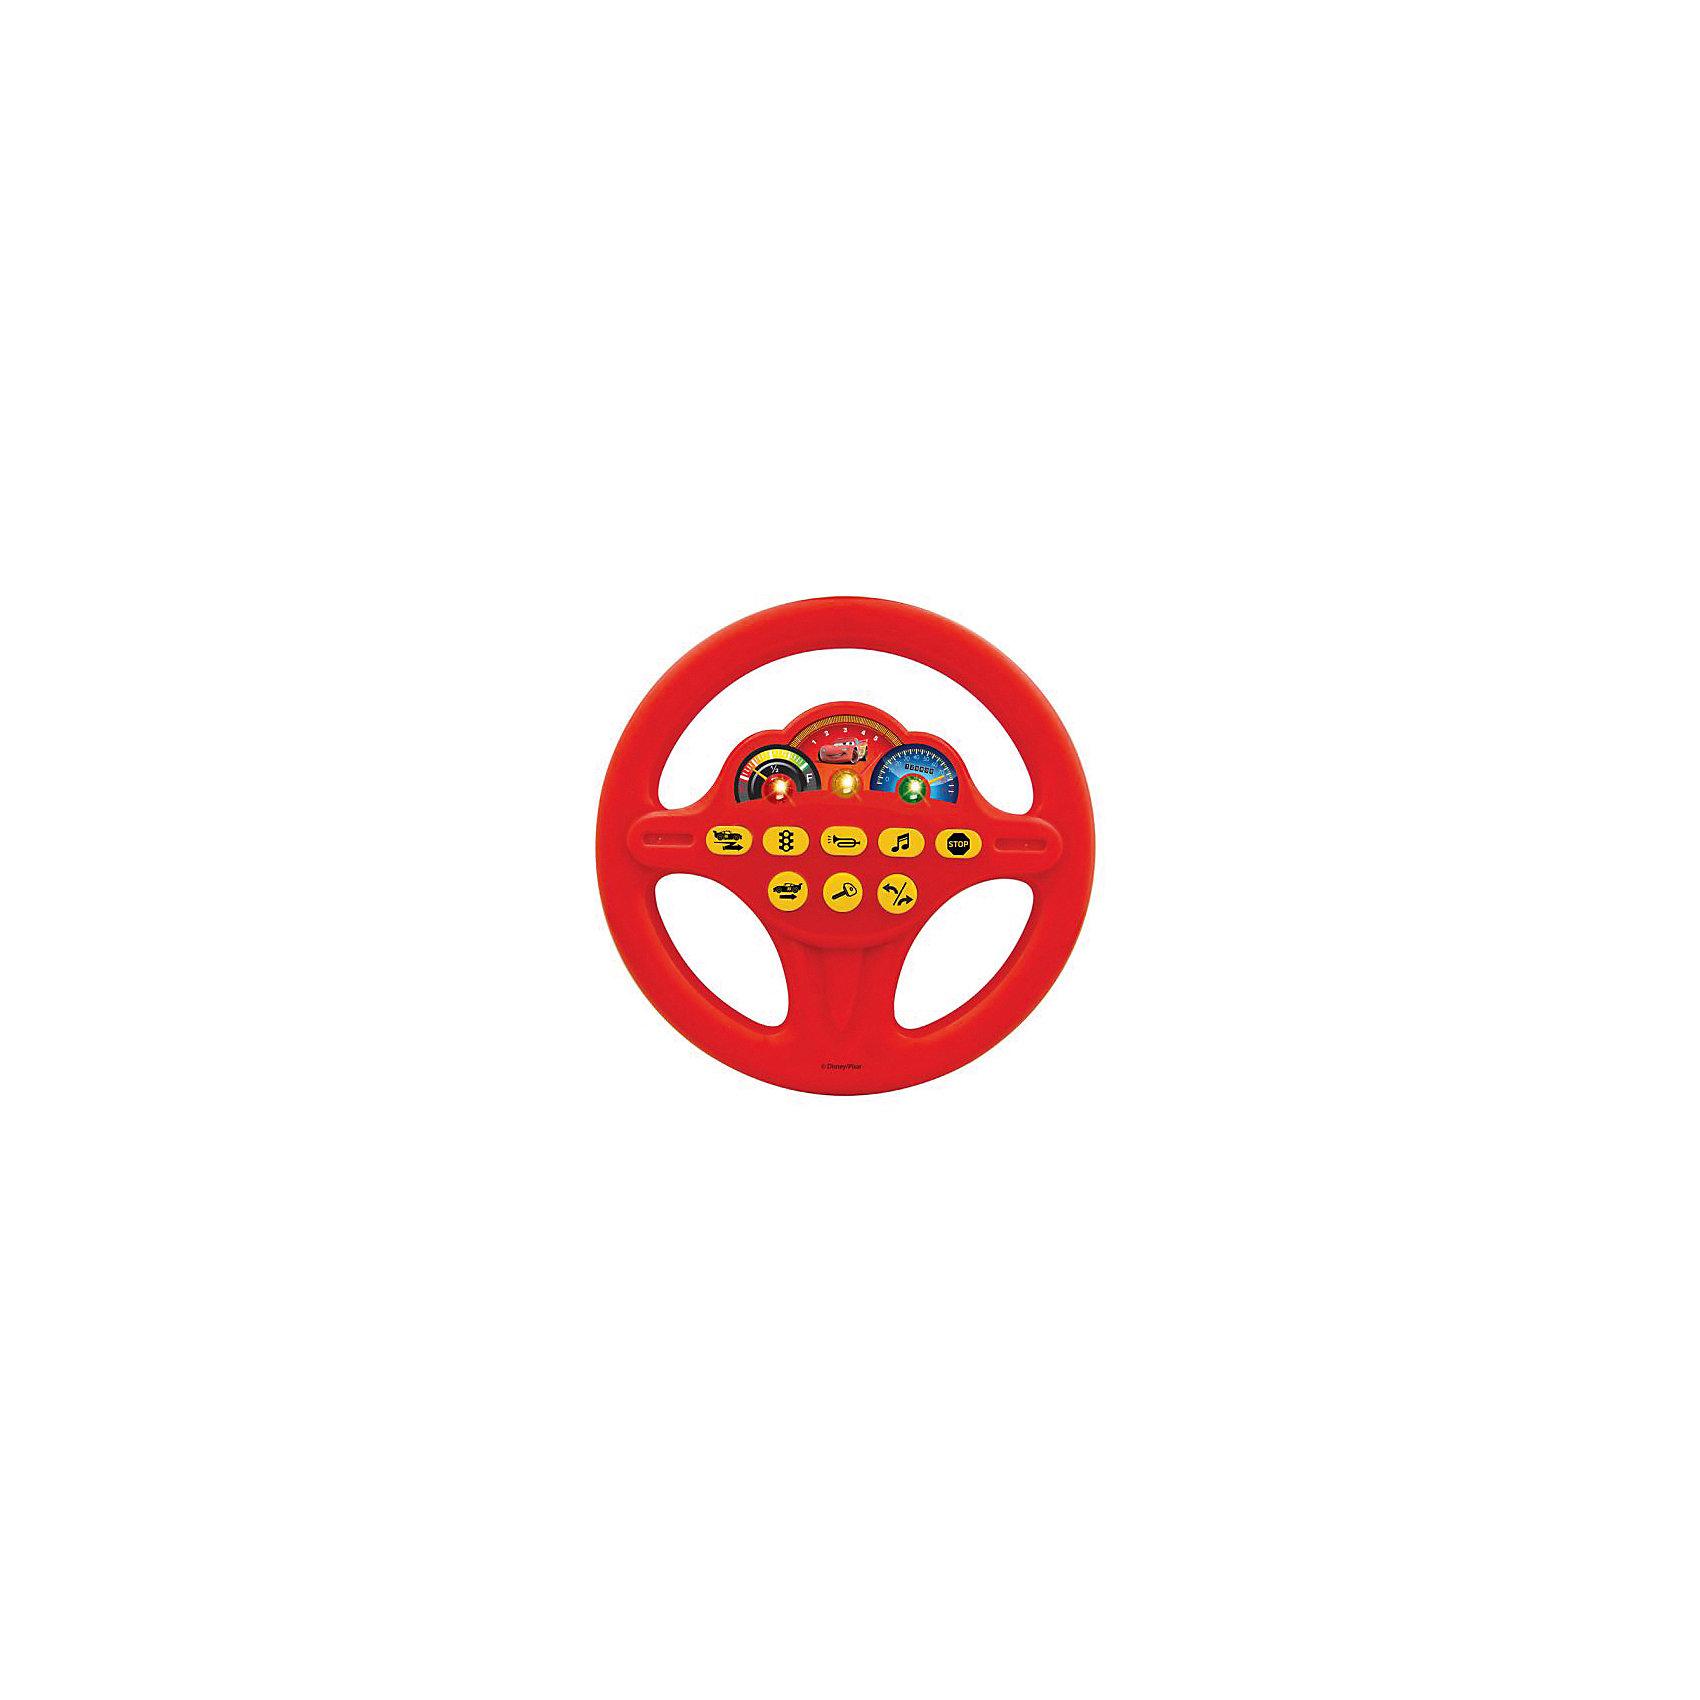 Игровой руль Играем вместе Тачки свет, звукТачки<br>Светящийся игровой руль поможет ребенку почувствовать себя водителем знаменитой гоночной машины из мультфильма «Тачки». Игрушка имеет 8 кнопок, которые имитируют различные звуковые эффекты, такие как зажигание, гудок, поворот, задний ход. Юные водители оценят такую правдоподобность звукового оформления. Кроме того, руль воспроизводит стих и песенку героя мультфильма Молнии Маккуина, так что это и небольшая магнитола. Красочное изображение режима скоростей, яркие лампочки и портрет главного героя привлекут внимание ребенка и позволят долгие часы наслаждаться игрой в гонщика.<br><br>Ширина мм: 270<br>Глубина мм: 40<br>Высота мм: 230<br>Вес г: 250<br>Возраст от месяцев: 36<br>Возраст до месяцев: 60<br>Пол: Мужской<br>Возраст: Детский<br>SKU: 7117601